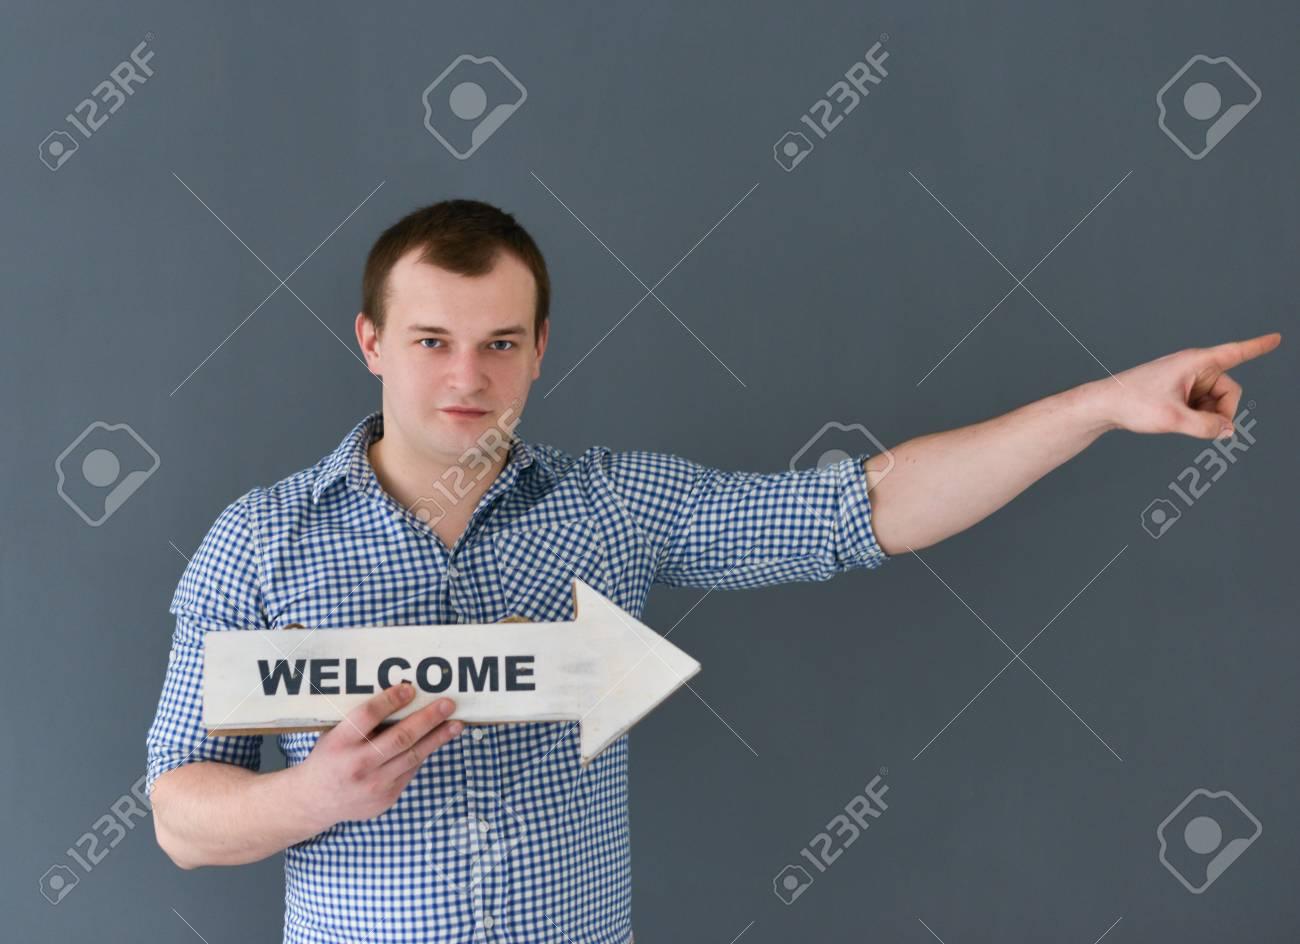 Banque d images - Jeune homme tenant bienvenue conseil bannière permanente 633b79d75b5